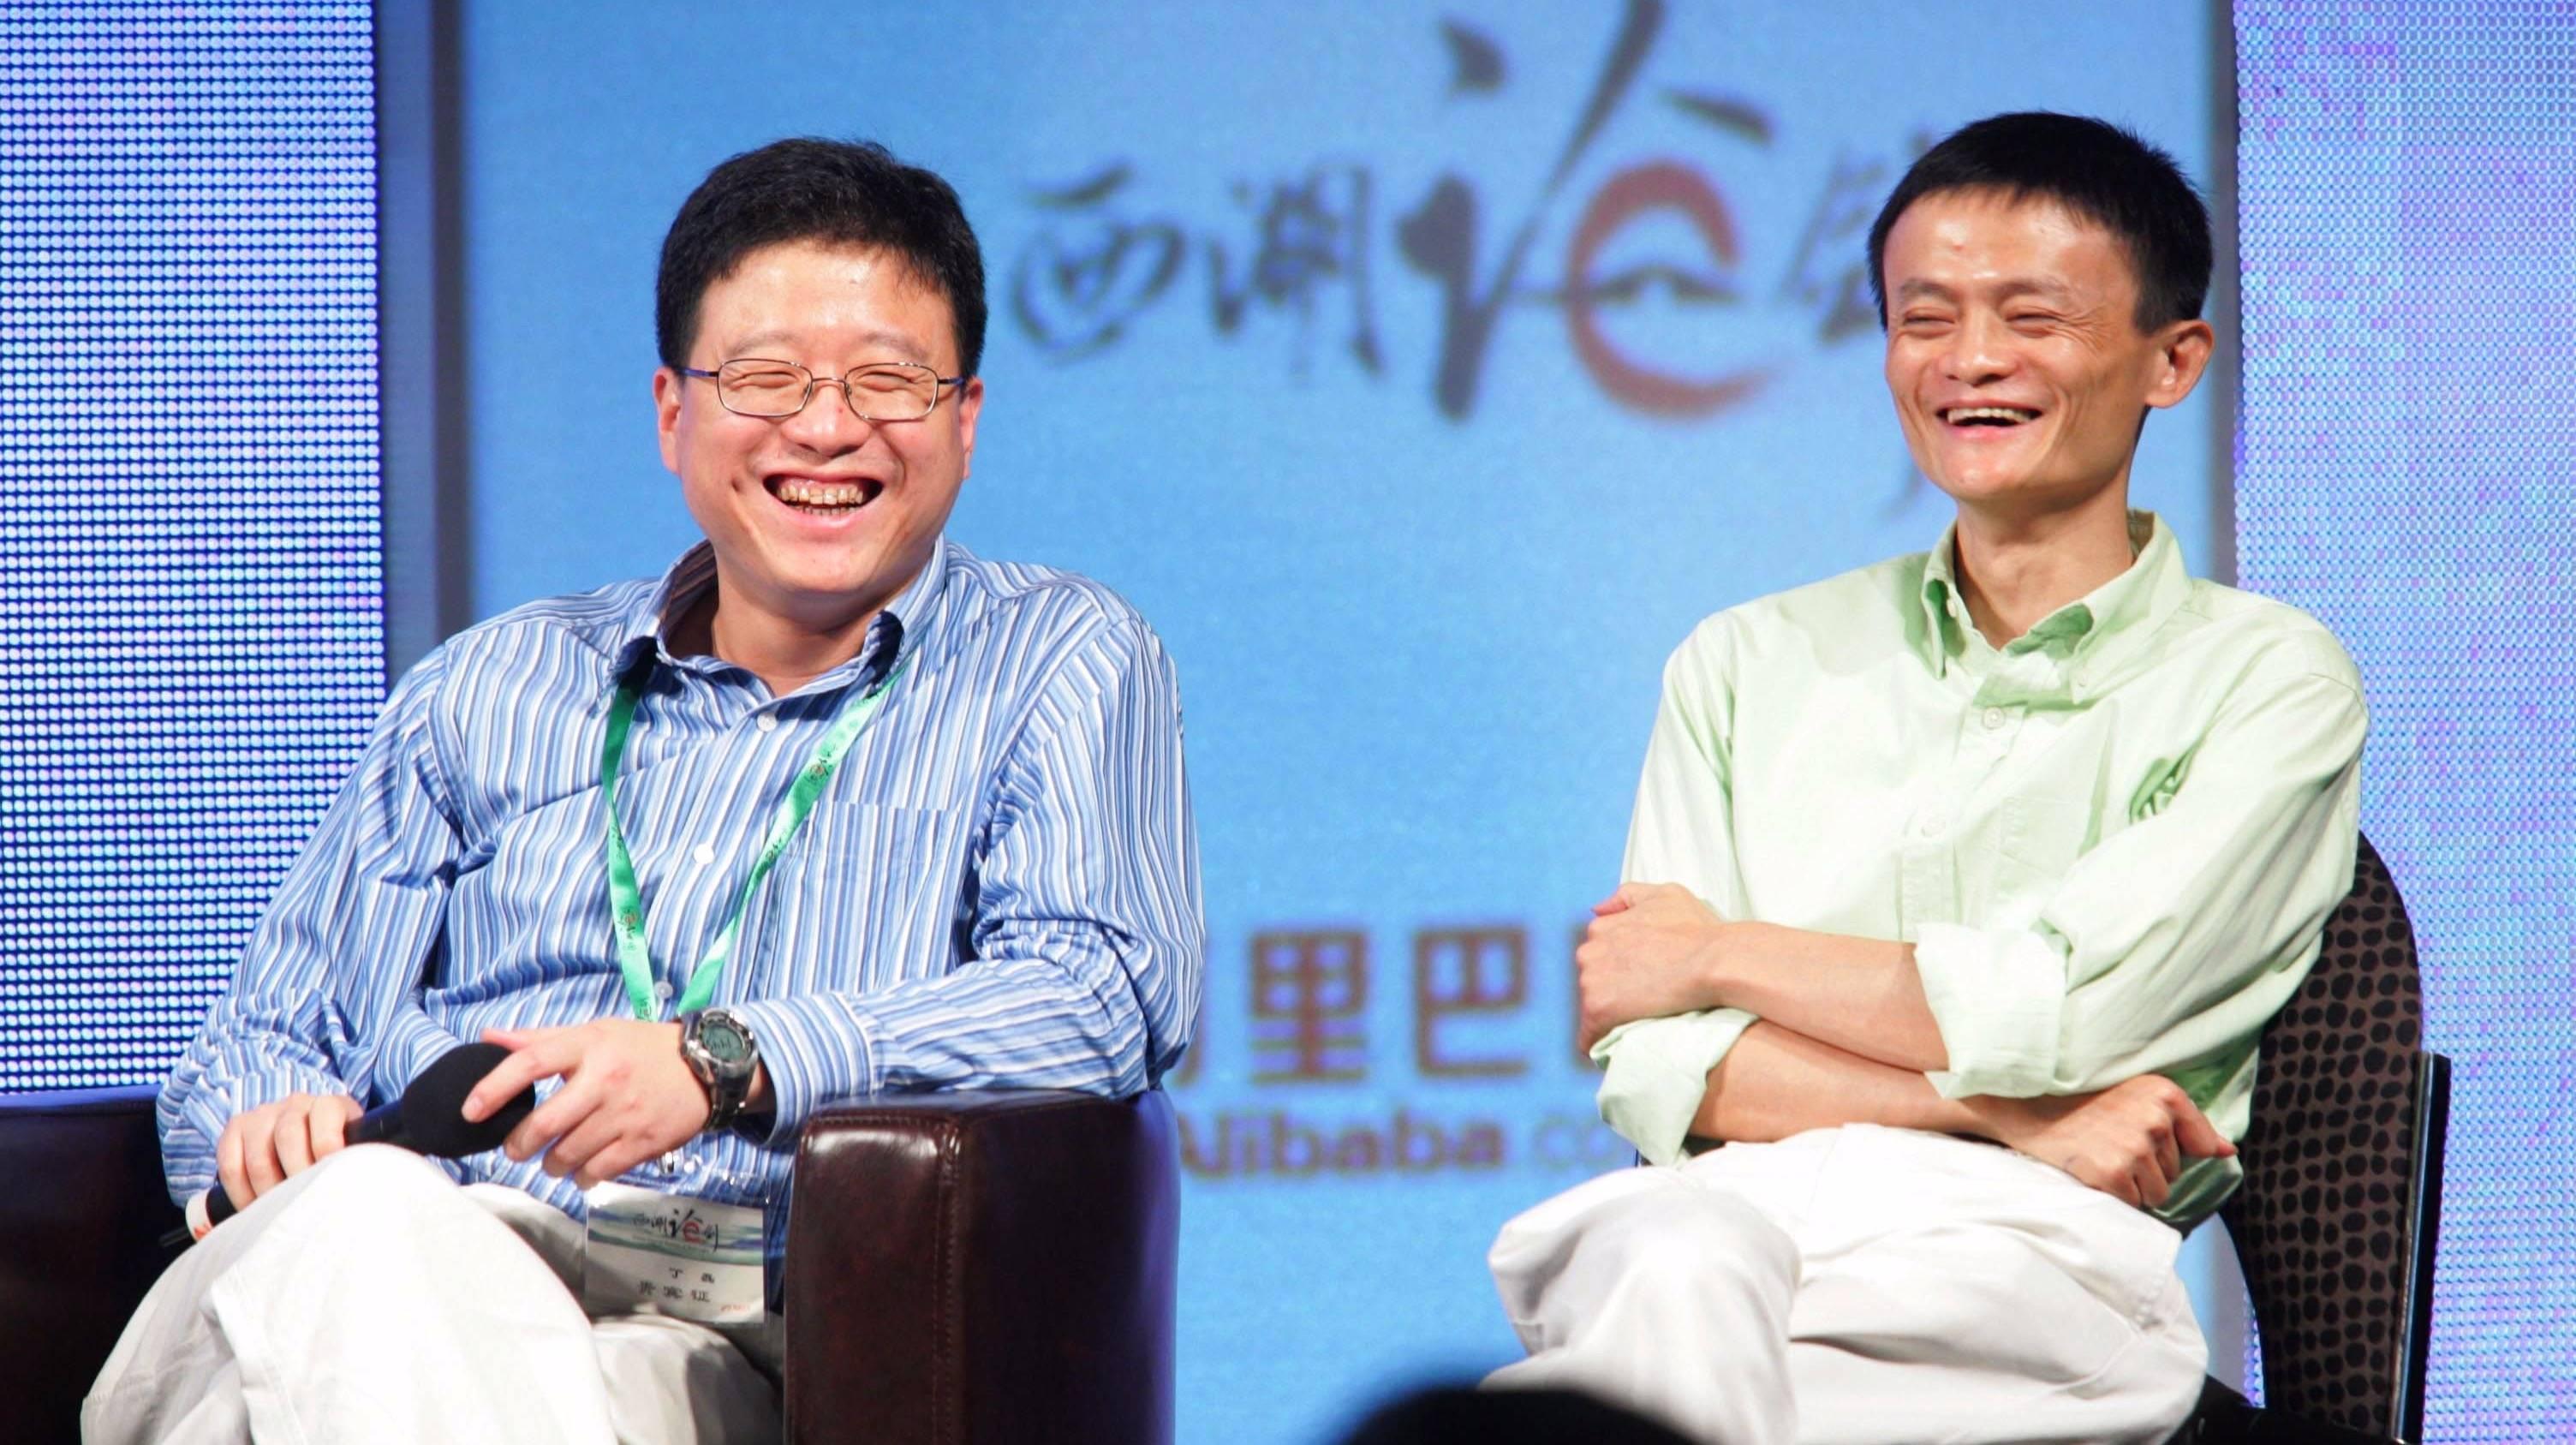 【虎嗅早报】传阿里20亿美金入股网易云音乐;腾讯耗资3764万港元回购股份